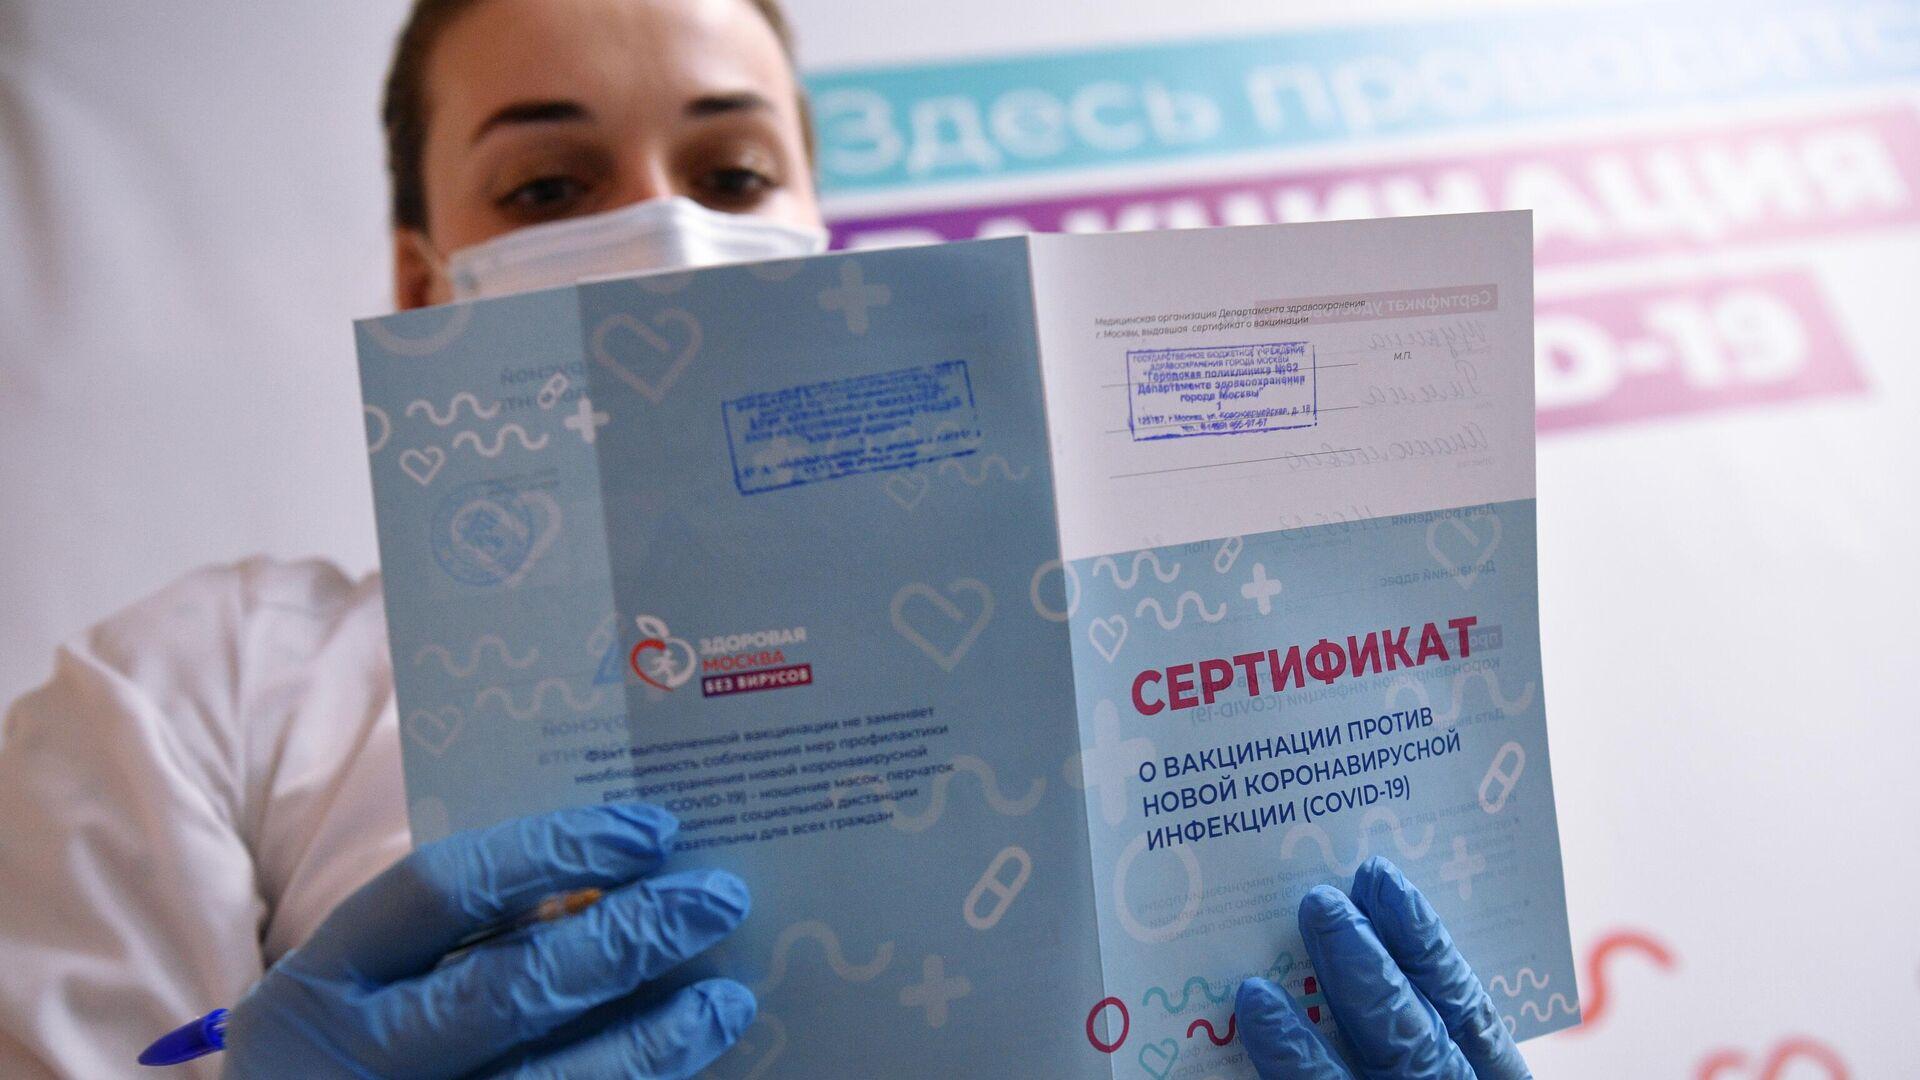 Медицинский работник держит в руках сертификат о вакцинации в мобильном пункте вакцинации от COVID-19 в торговом центре Арена Плаза в Москве - РИА Новости, 1920, 28.06.2021